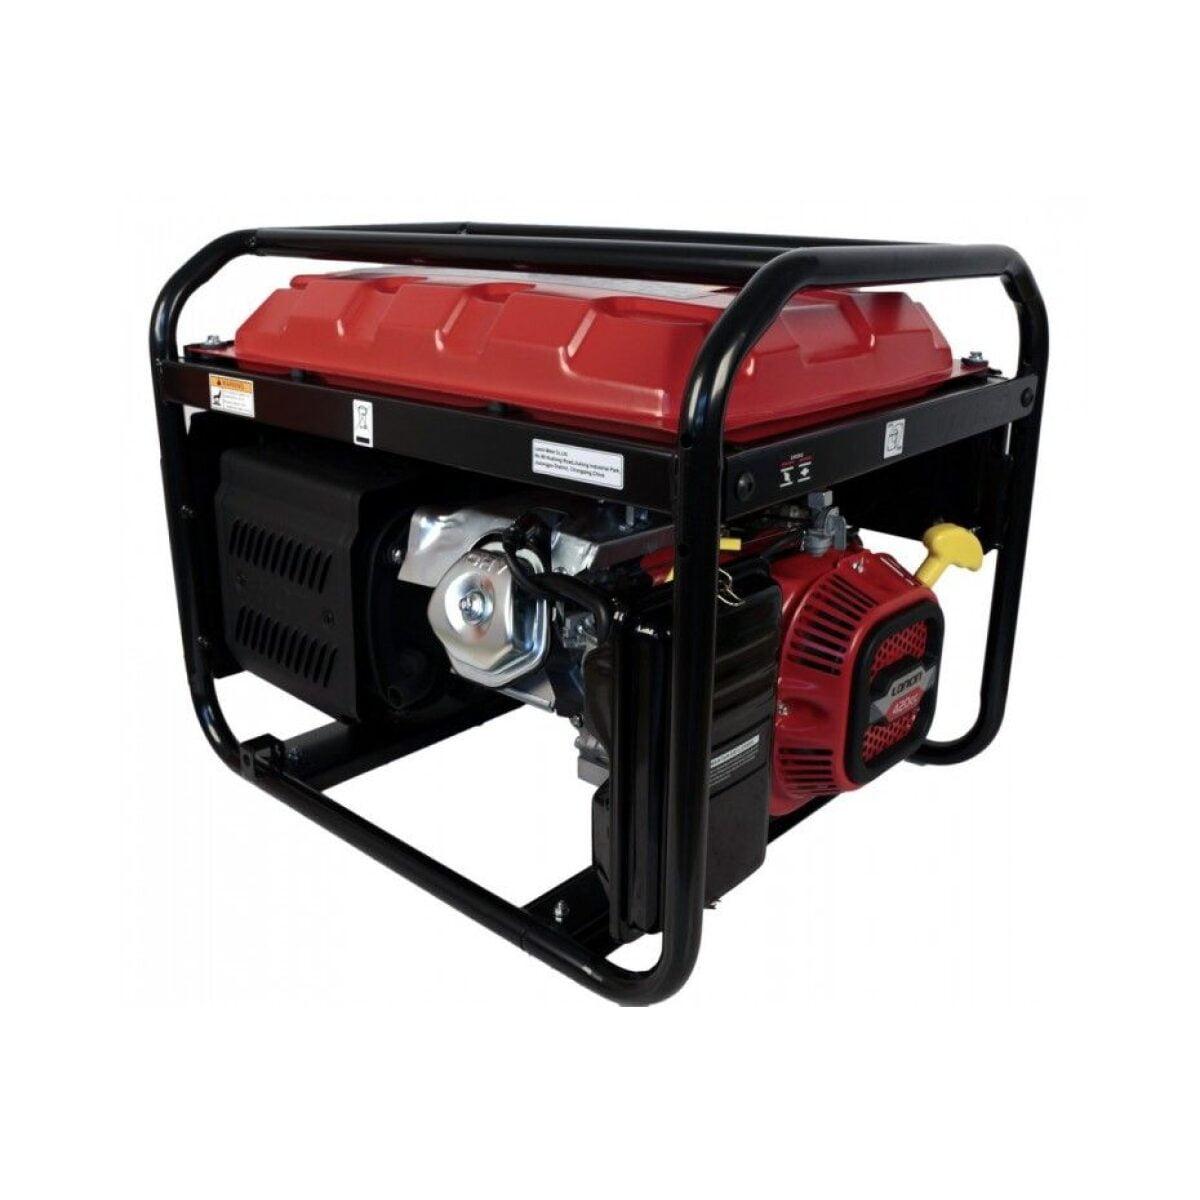 lc8000d a generator loncin 7 0 kw 380v lc8000d a o mac.ro 3